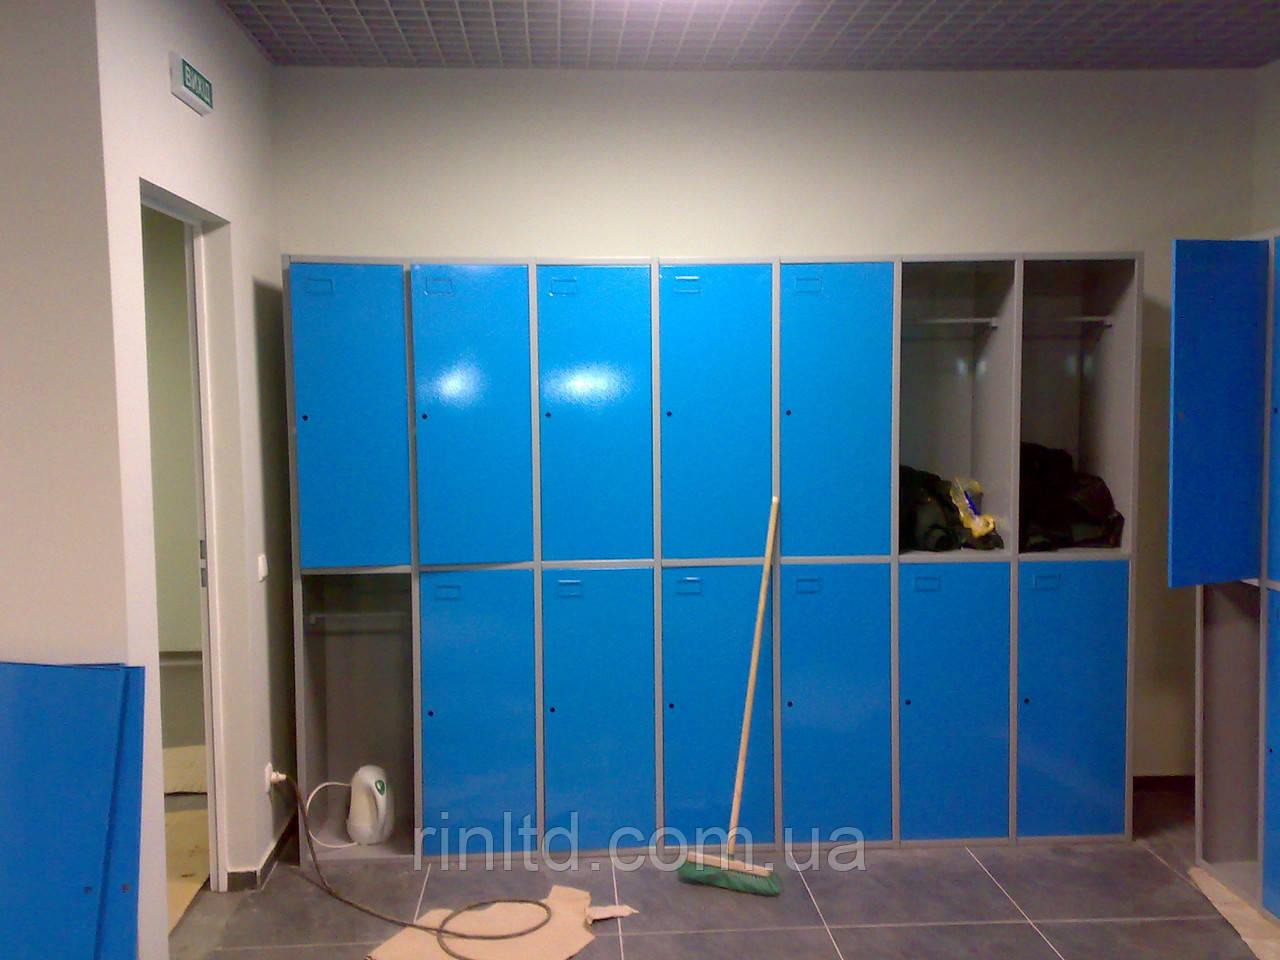 Шкафы металлические – производство, фото 1